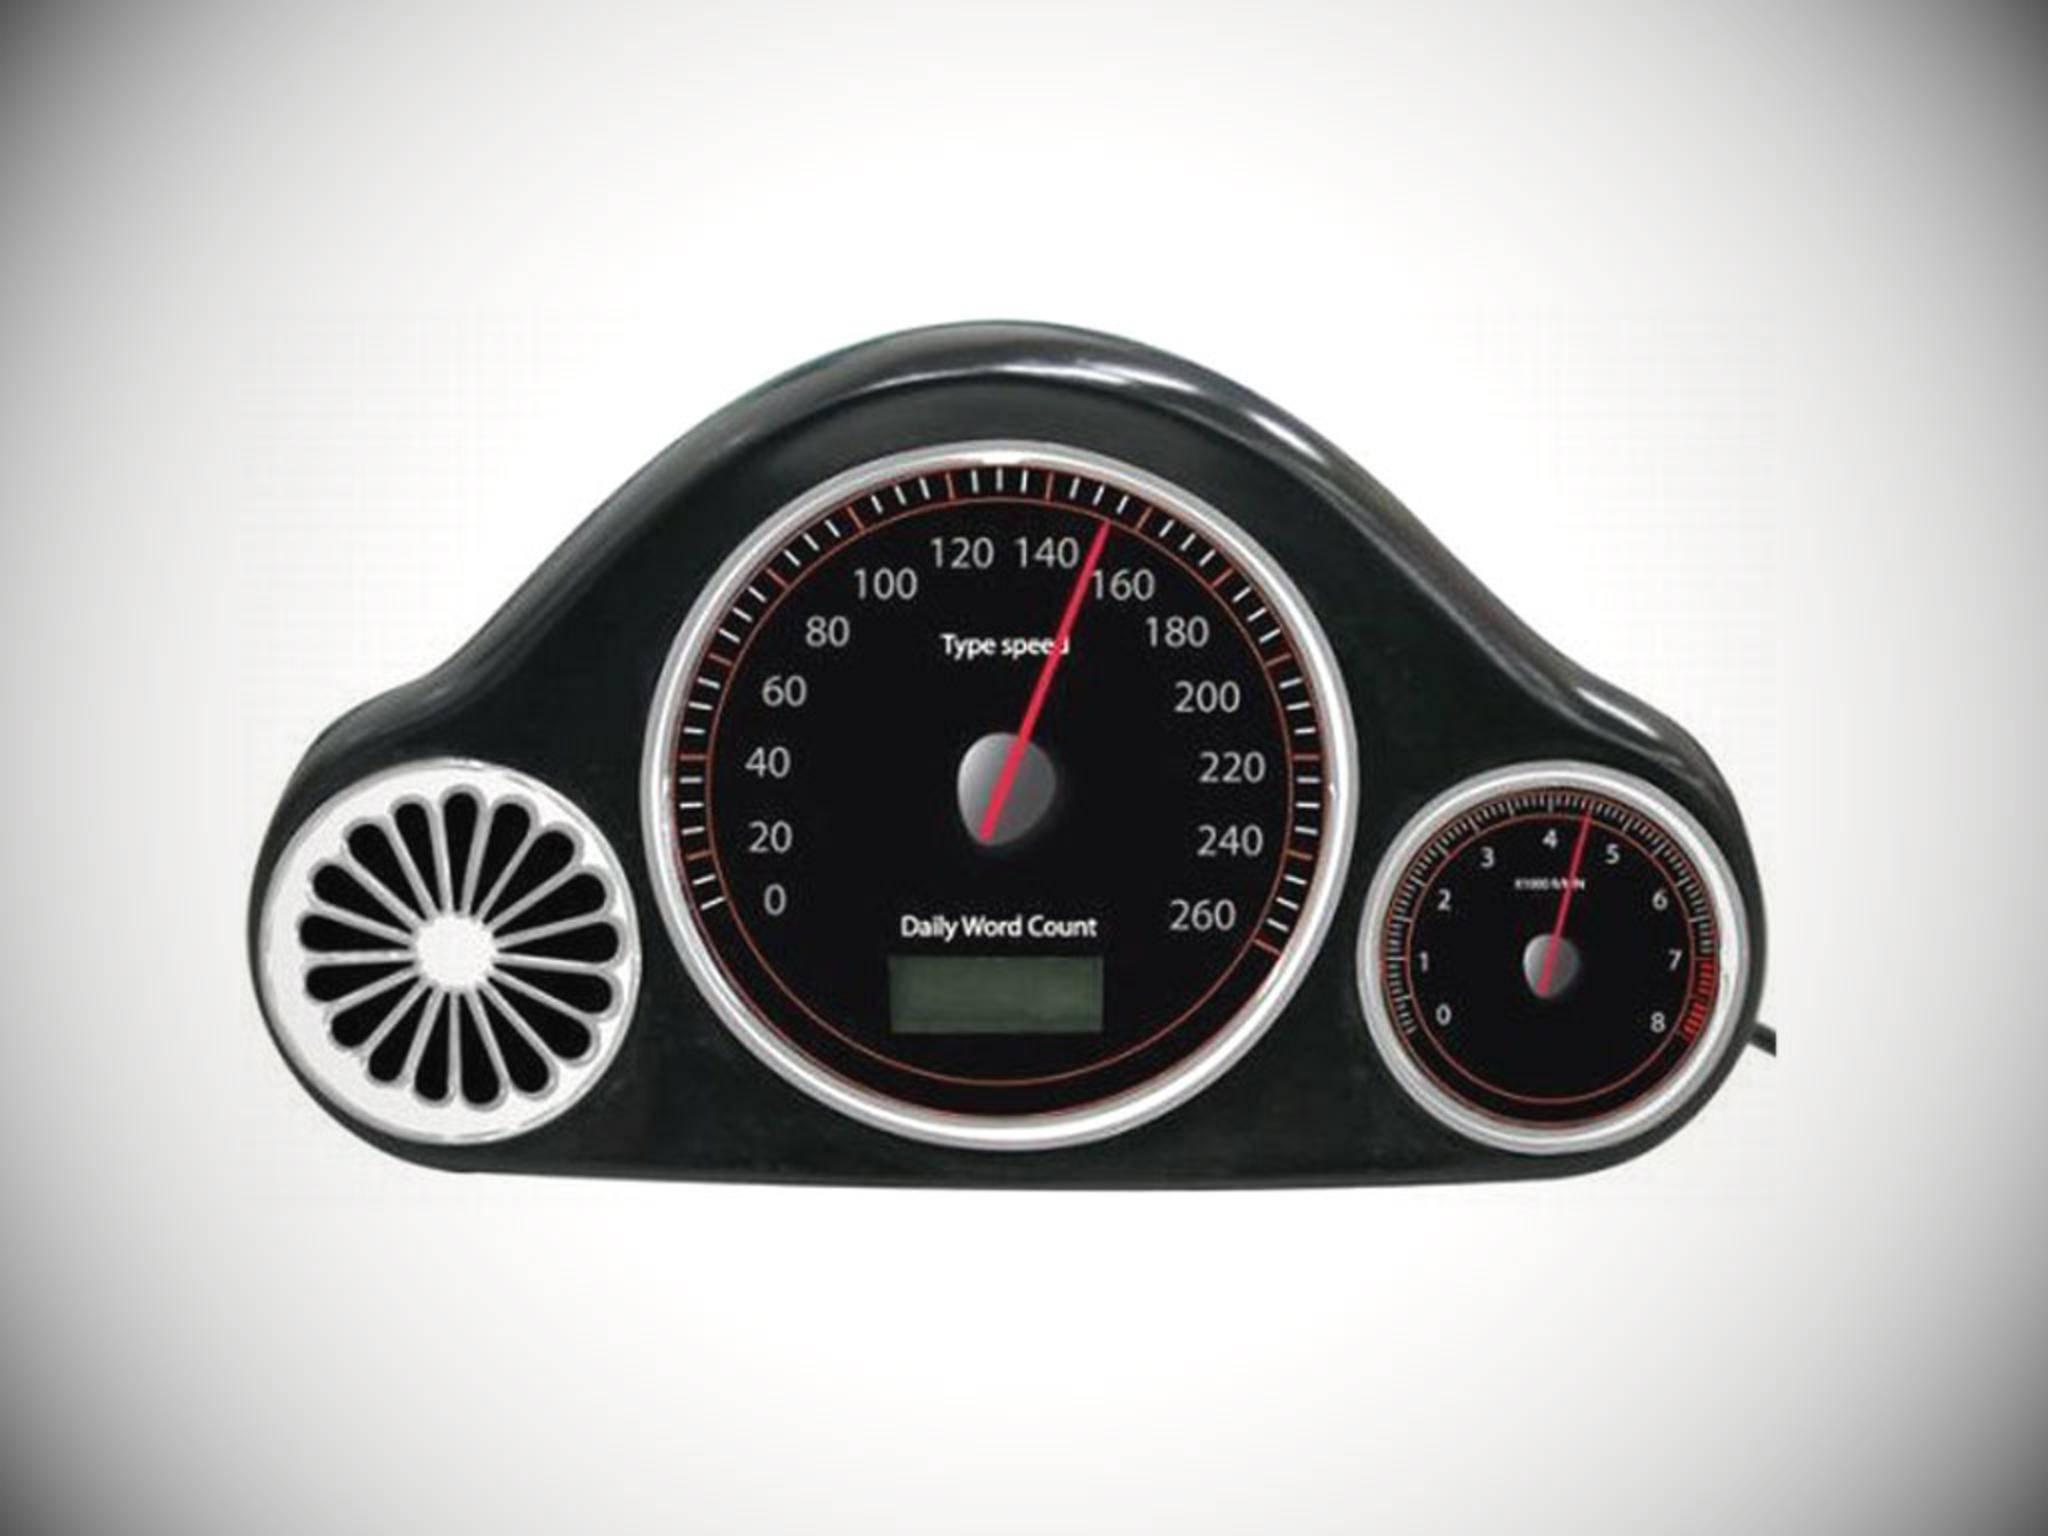 Je schneller man tippt, desto lauter röhrt der Motor